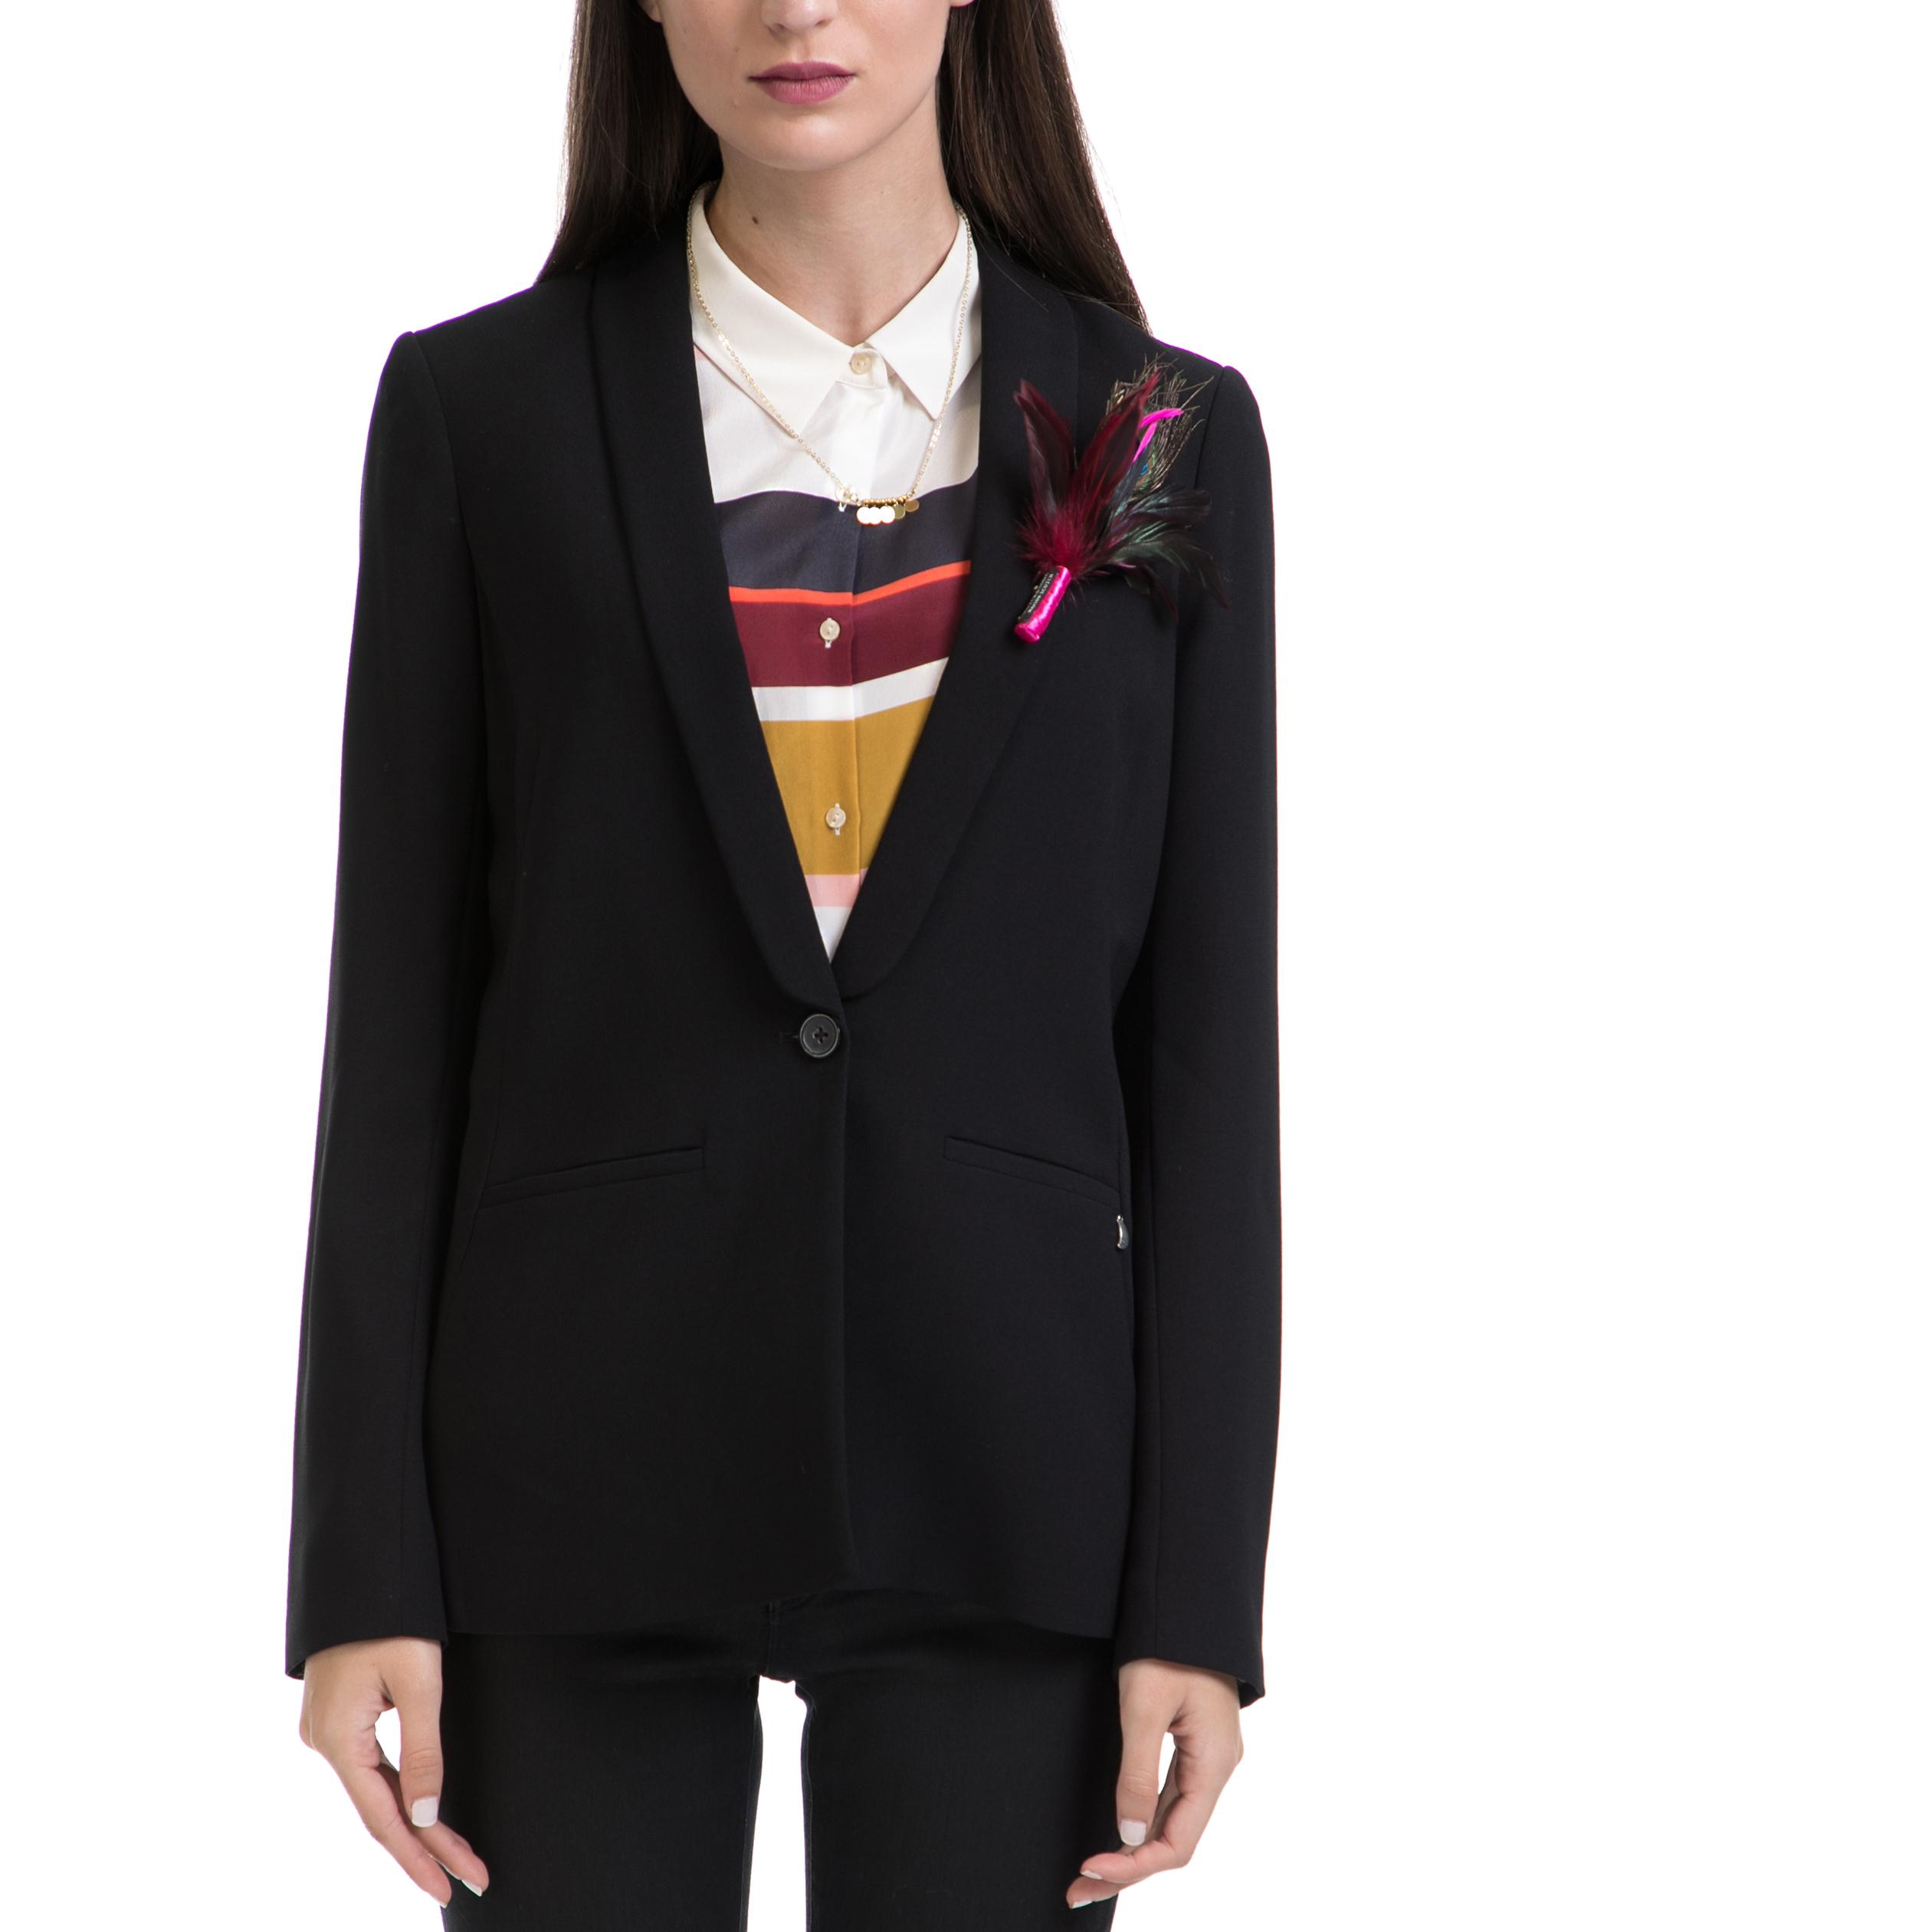 SCOTCH & SODA - Γυναικείο σακάκι MAISON SCOTCH μαύρο γυναικεία ρούχα πανωφόρια σακάκια